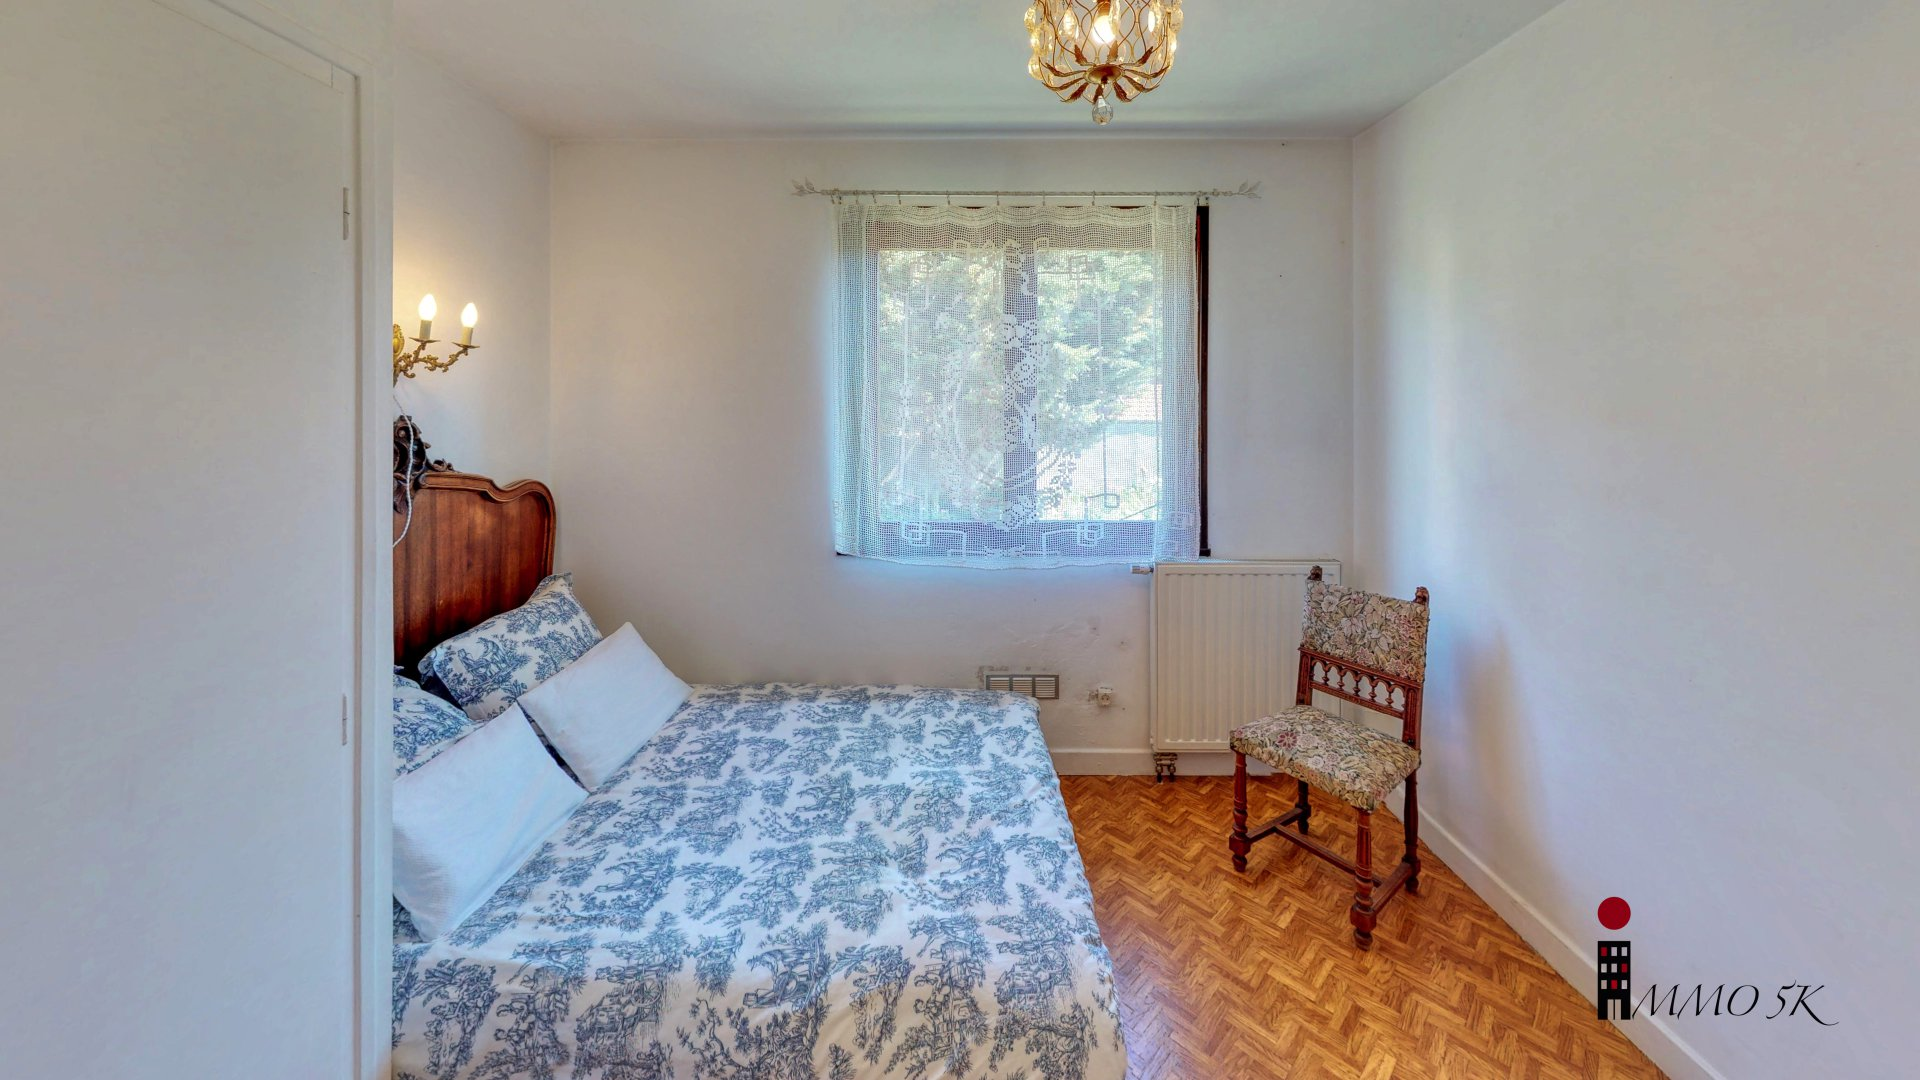 Maison 124m2 - 6 Pièces - 4 Chambres - 1154m2 de terrain